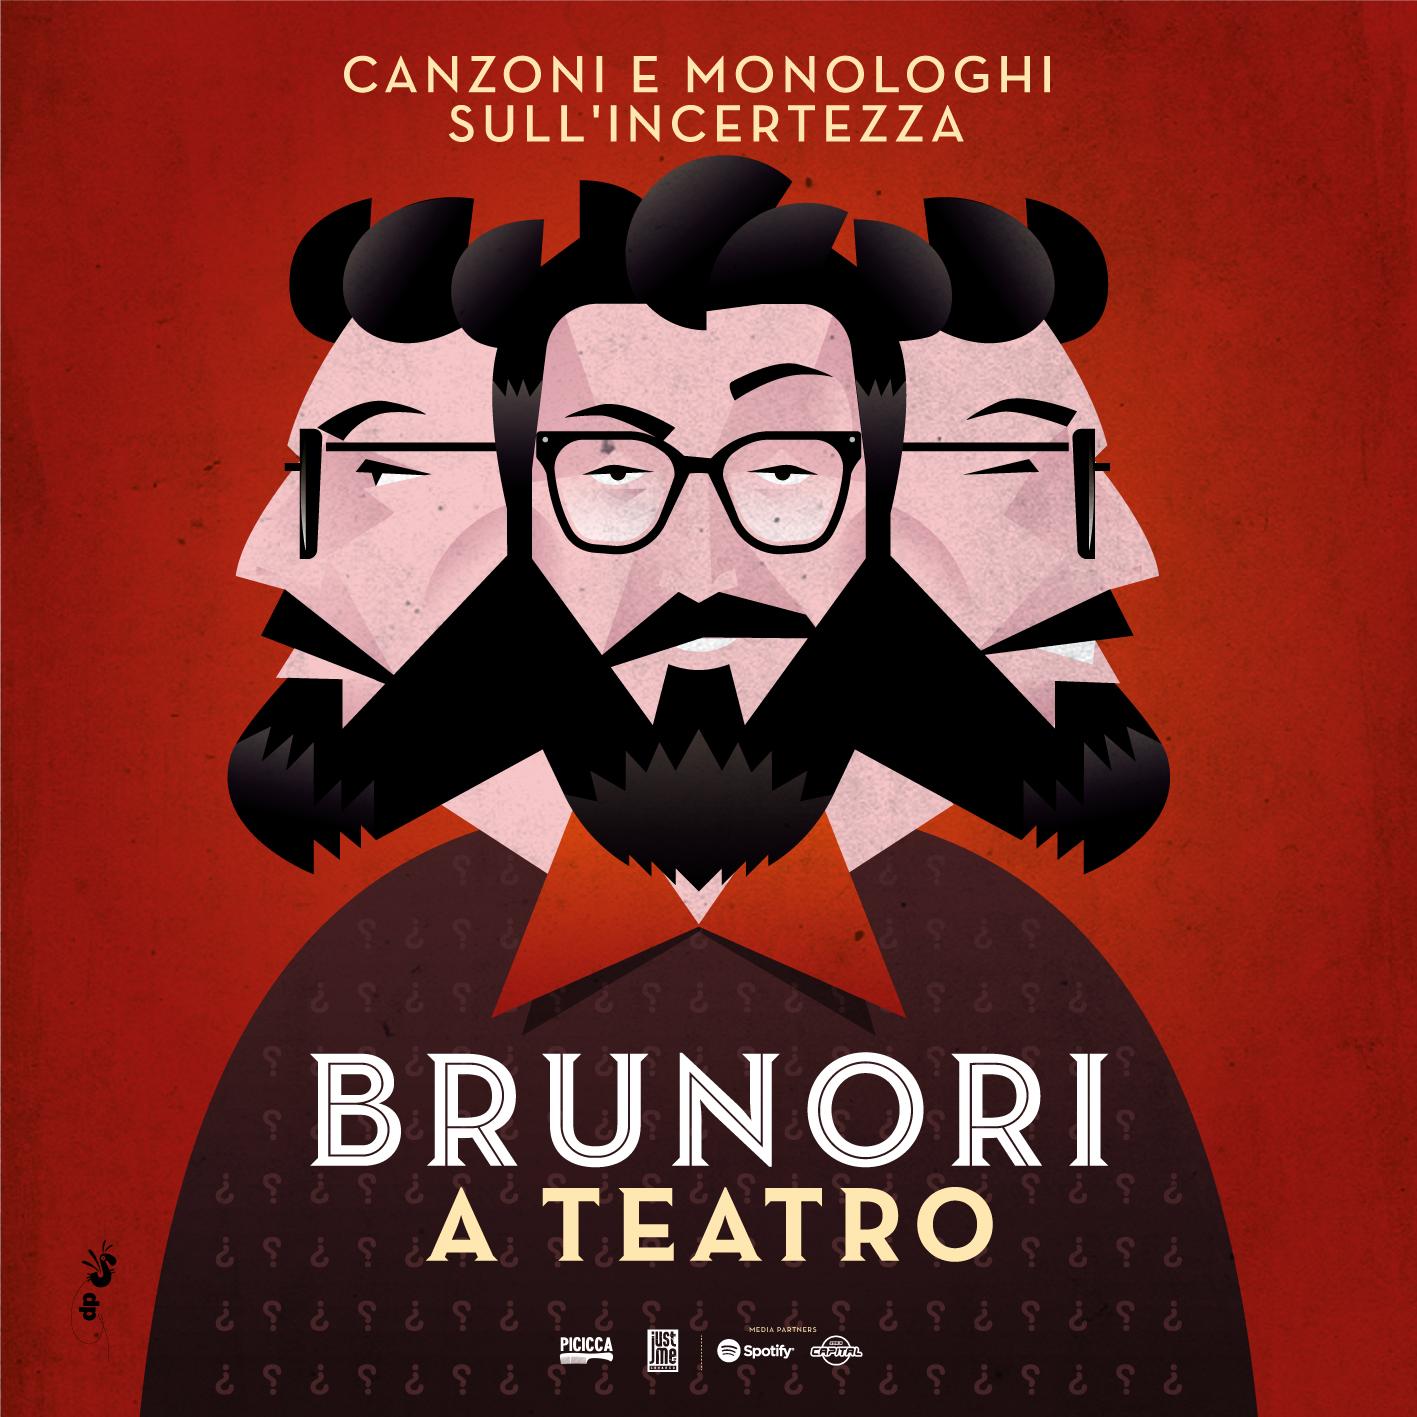 Brunori Sas, canzoni e monologhi sull'incertezza